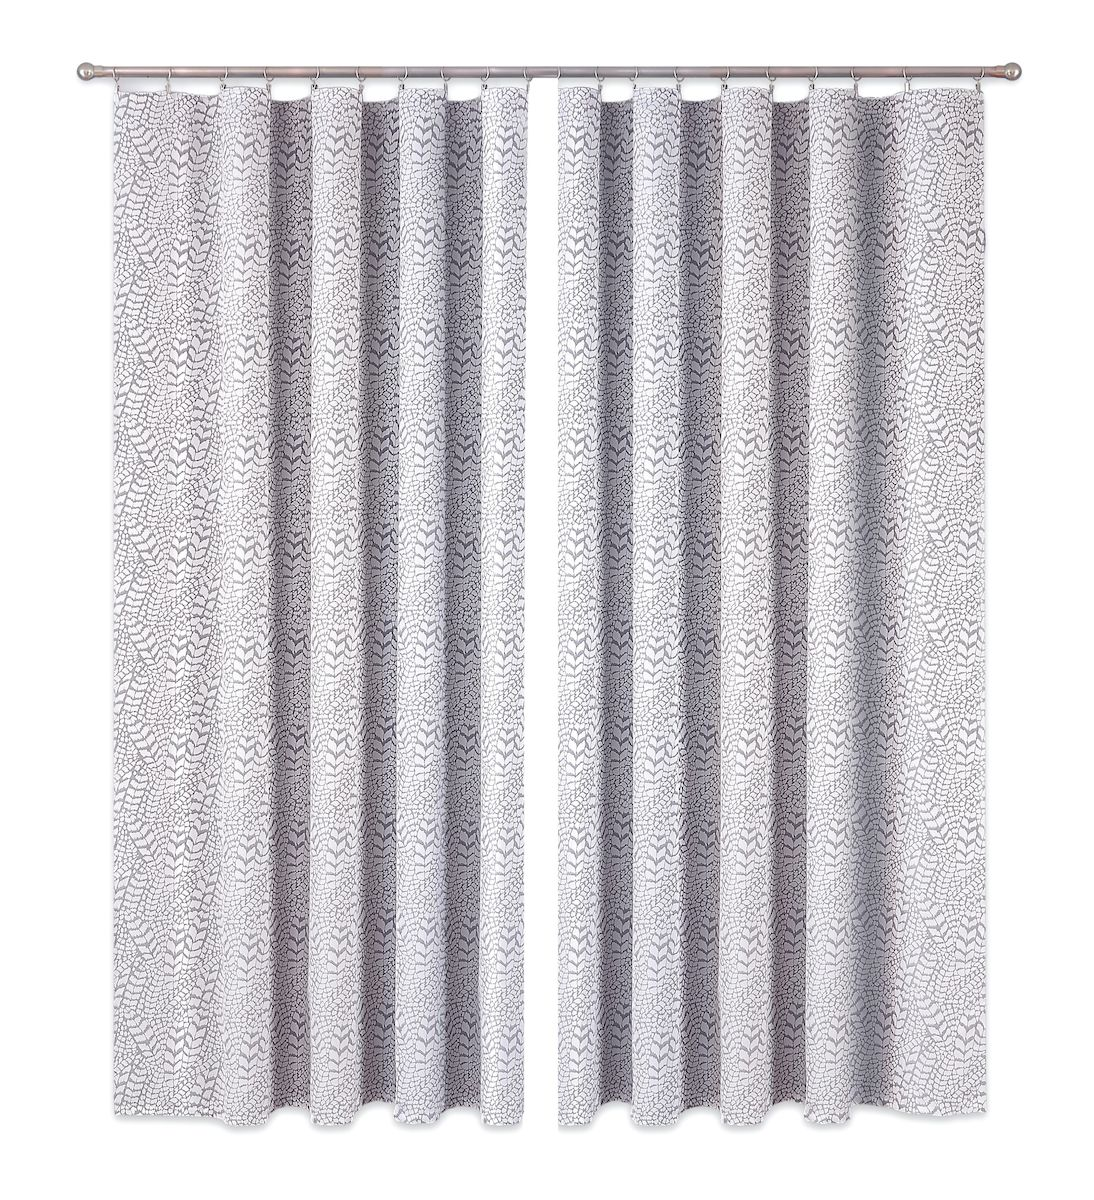 Комплект штор P Primavera Firany, цвет: серый, высота 250 см. 1110008VCA-00Комплект шториз полиэстровой жаккардовой ткани с пришитой шторнойлентой. Размер - ширина 180 см высота 250см. Набор 2 штуки. Цвет серый.Размер: ширина 180 х высота 250